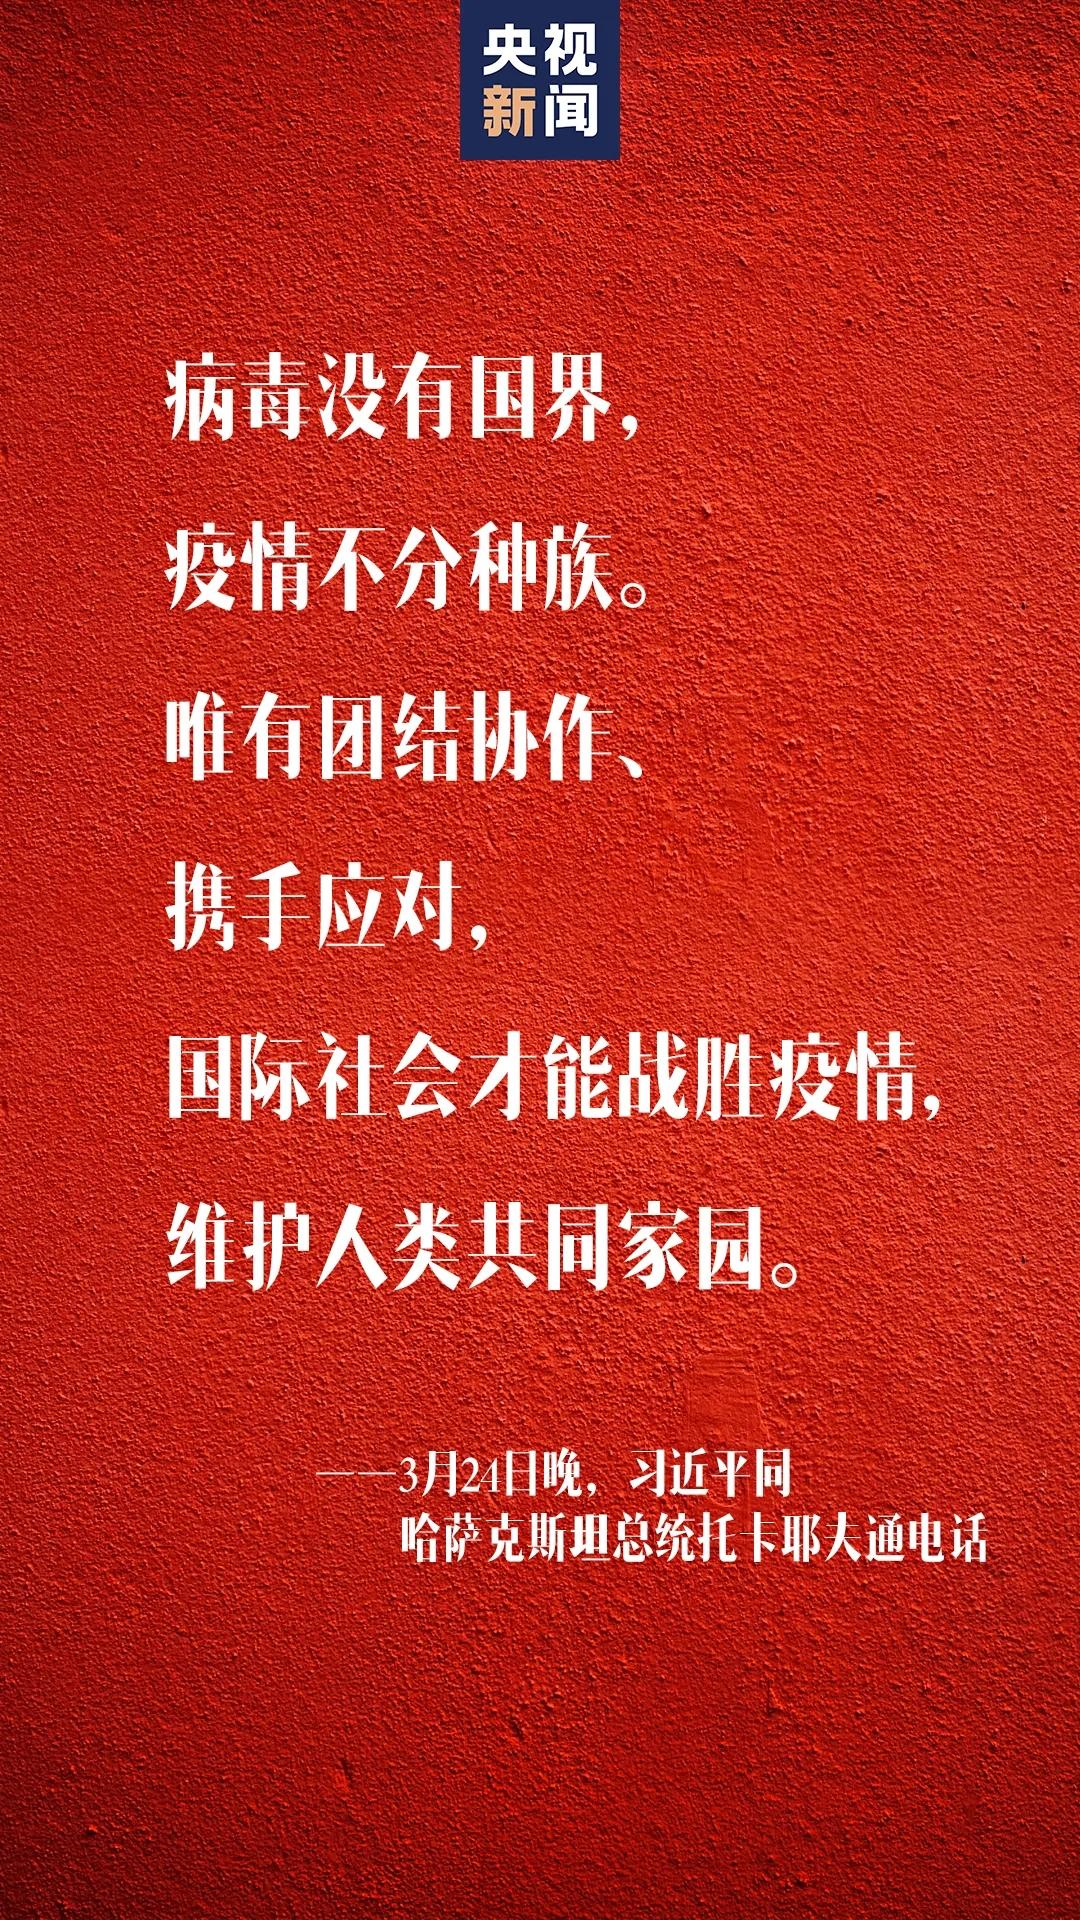 习近平:人民才是真正的英雄